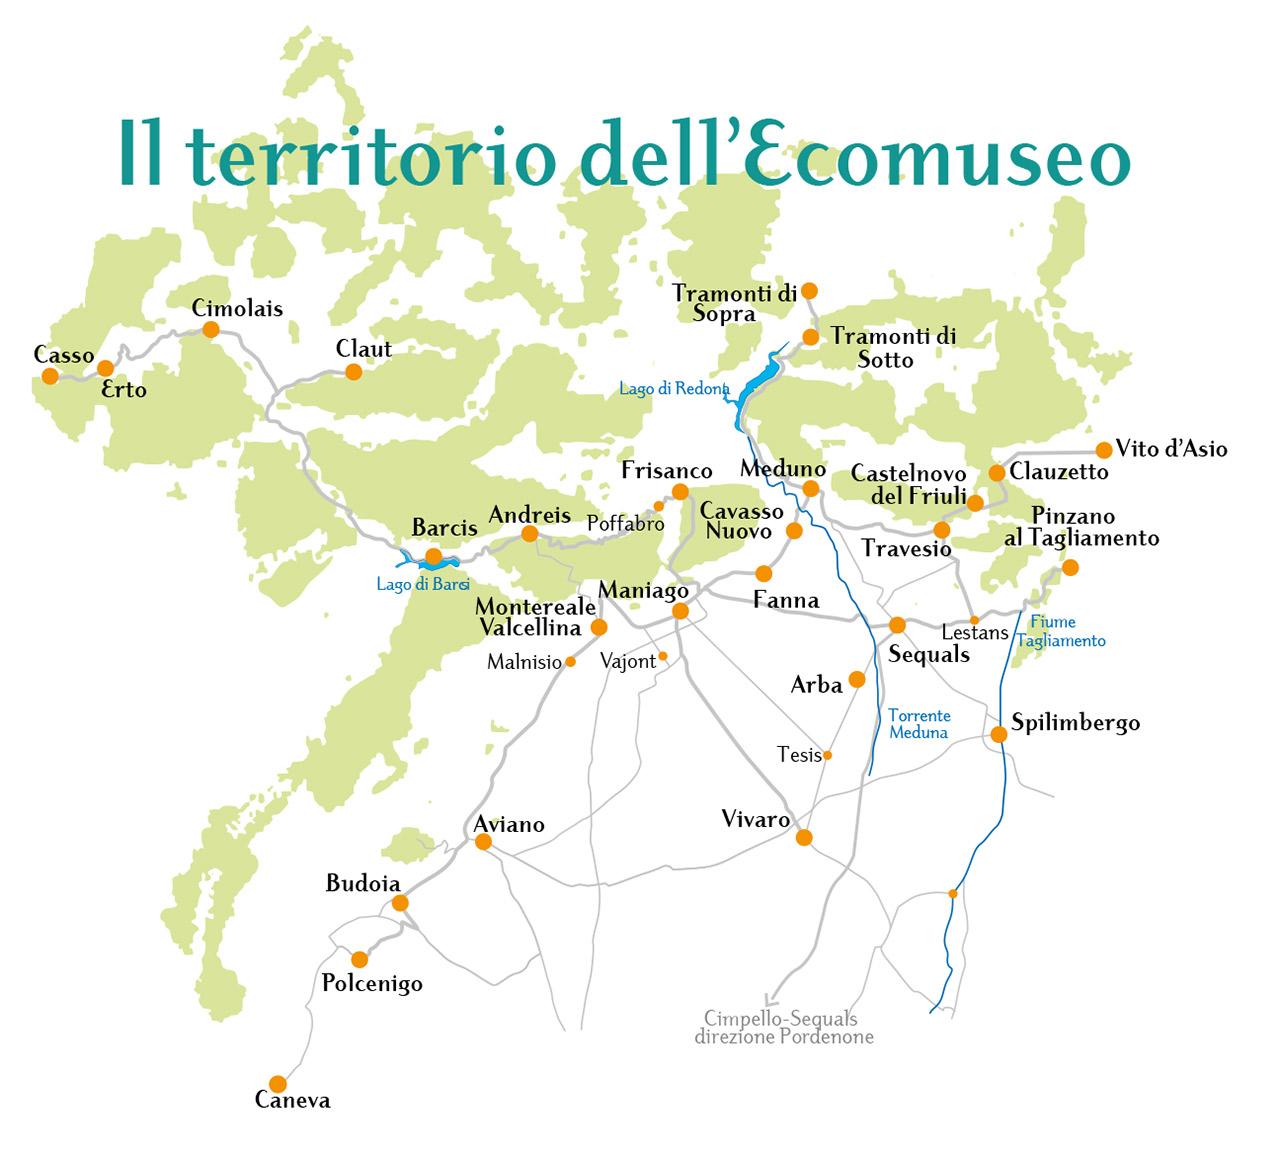 Territorio dell'Ecomuseo